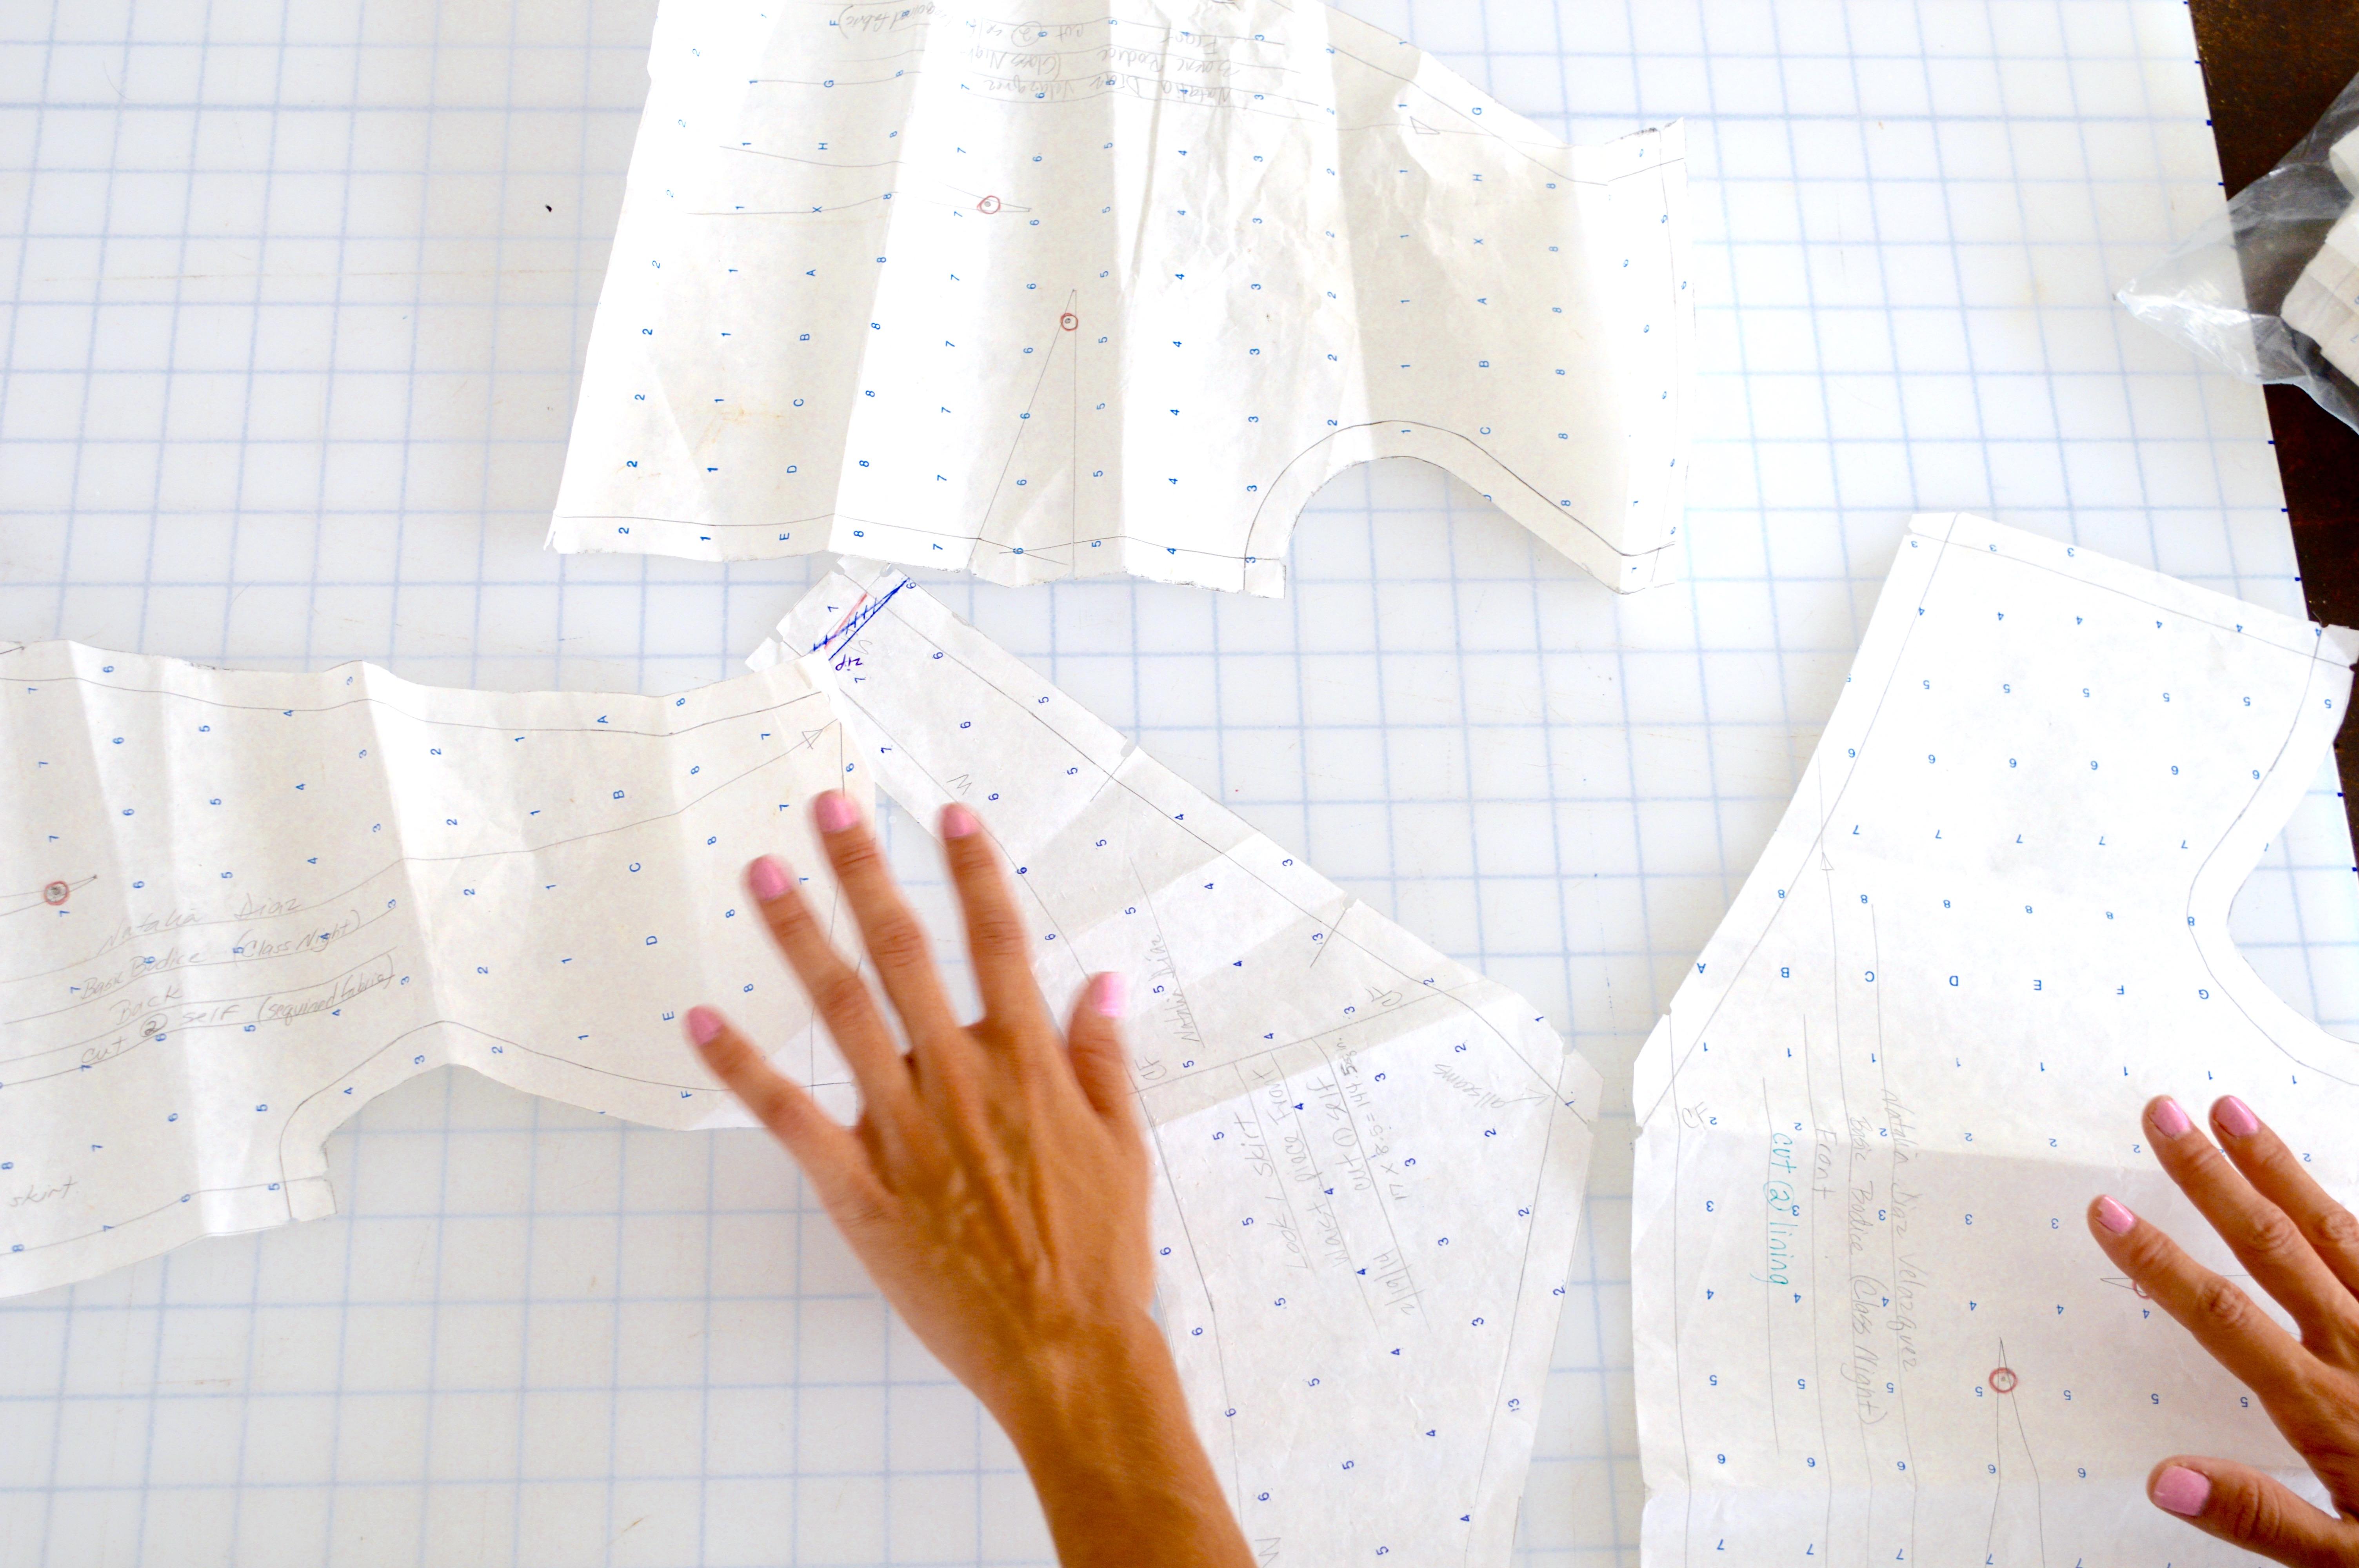 hands arranging a clothing design sample